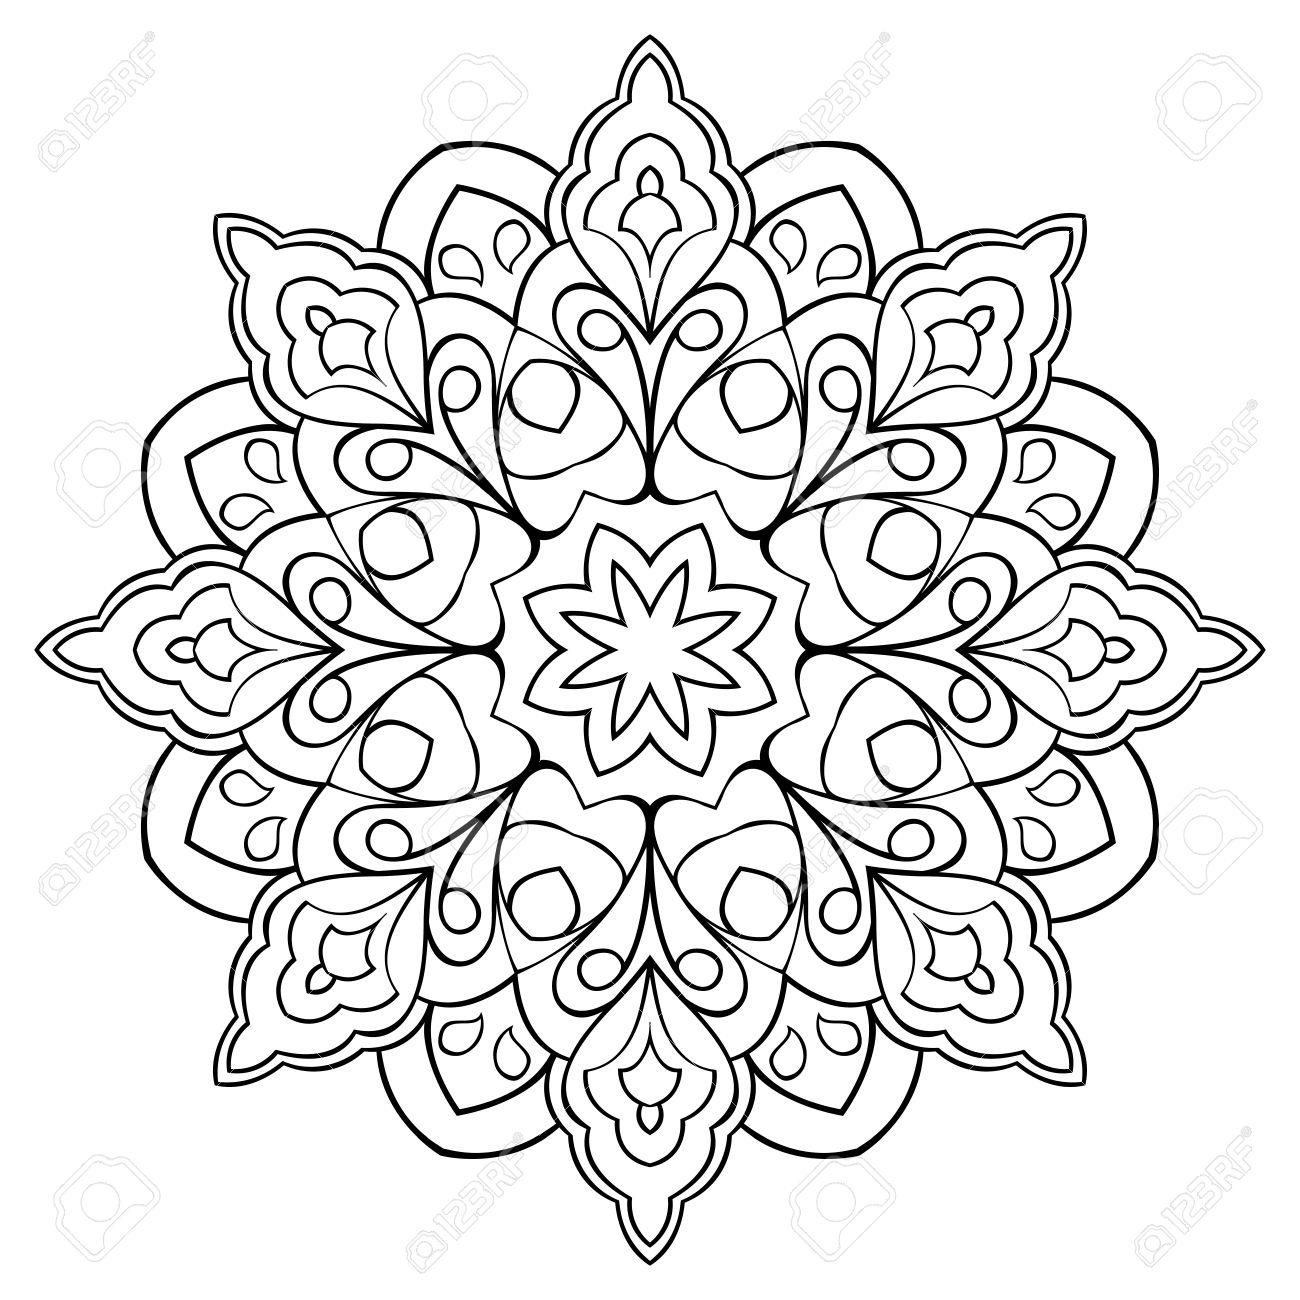 白い背景に単純なベクトル マンダラ塗り絵の円形パターンのイラスト